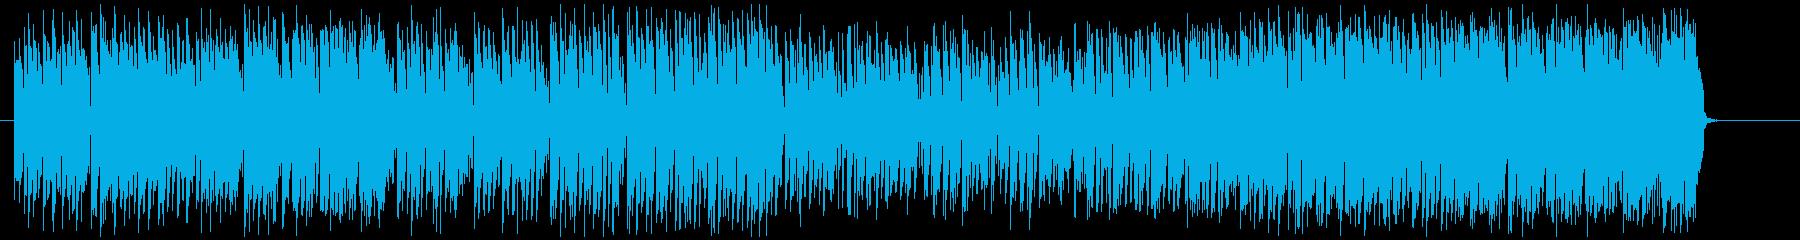 ラテン語でリラクゼーション効果のある曲の再生済みの波形